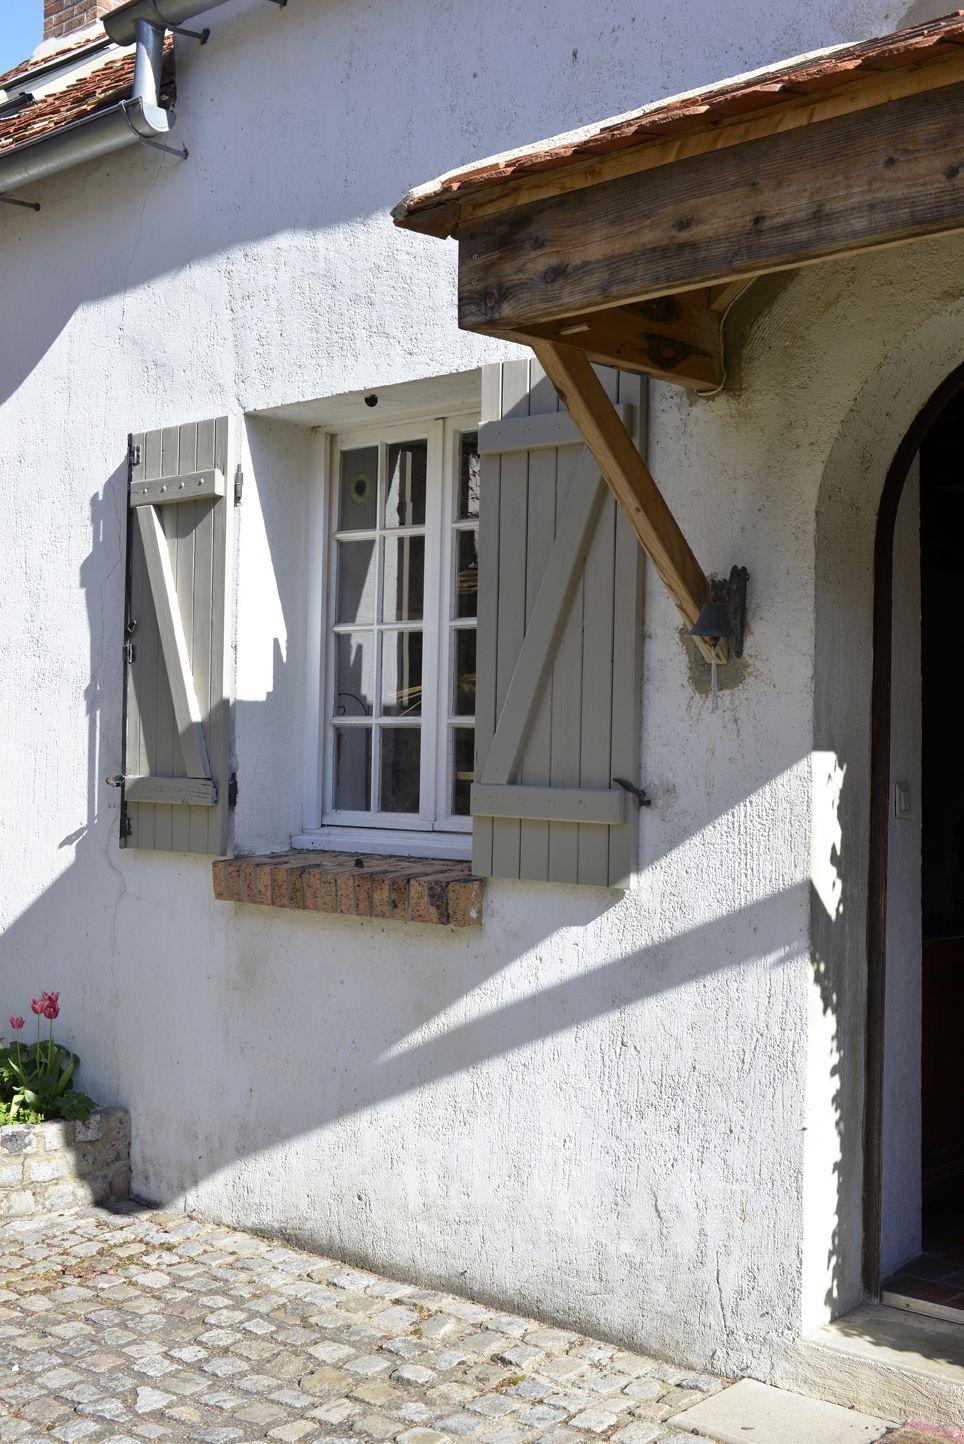 Couleur Peinture Volet Bois volets - sos rénovation volets | case di campagna, esterno, case